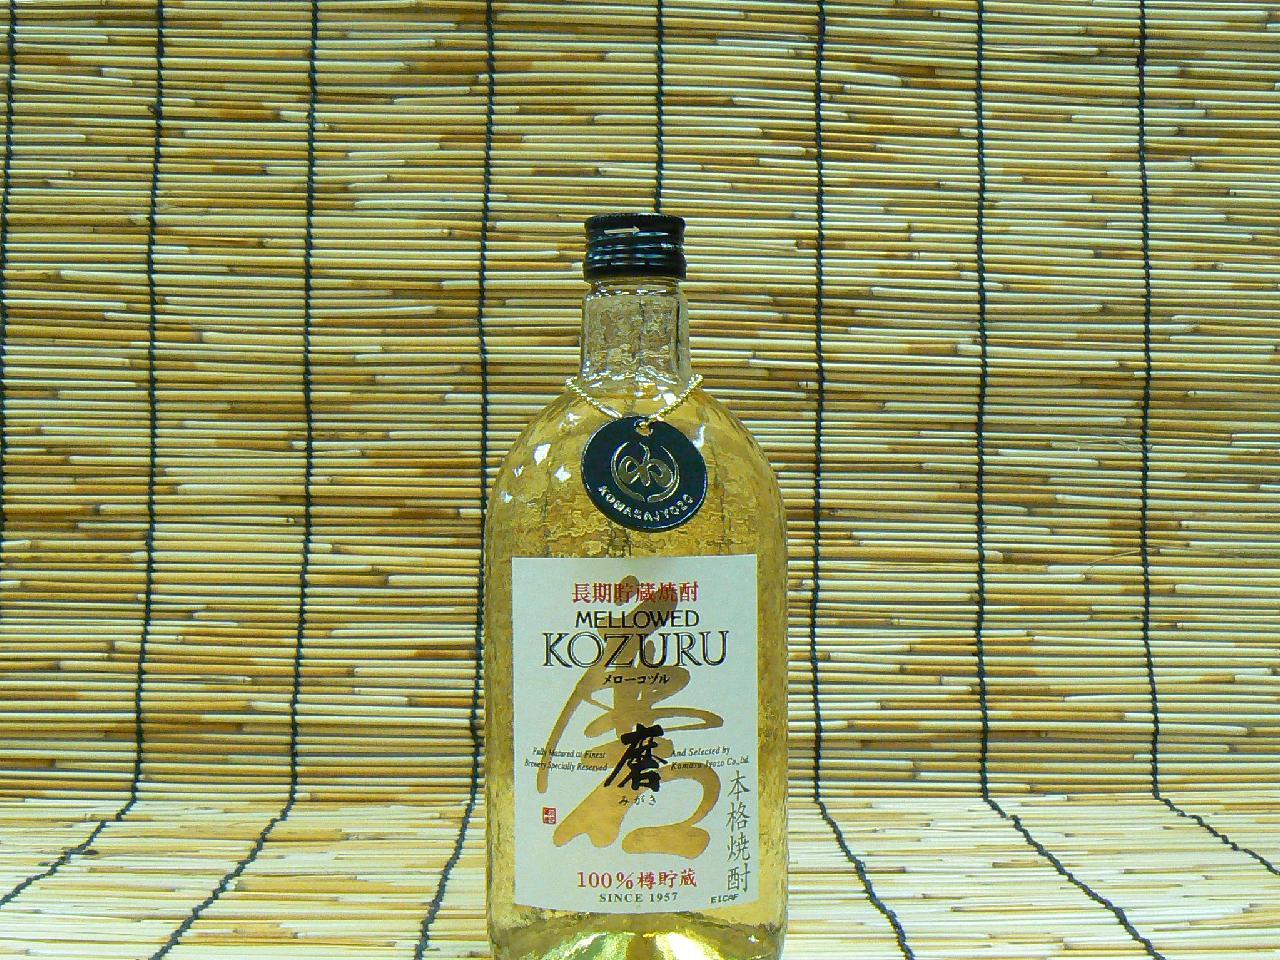 【小正醸造】 麦 メローコヅル 磨 25°720ml